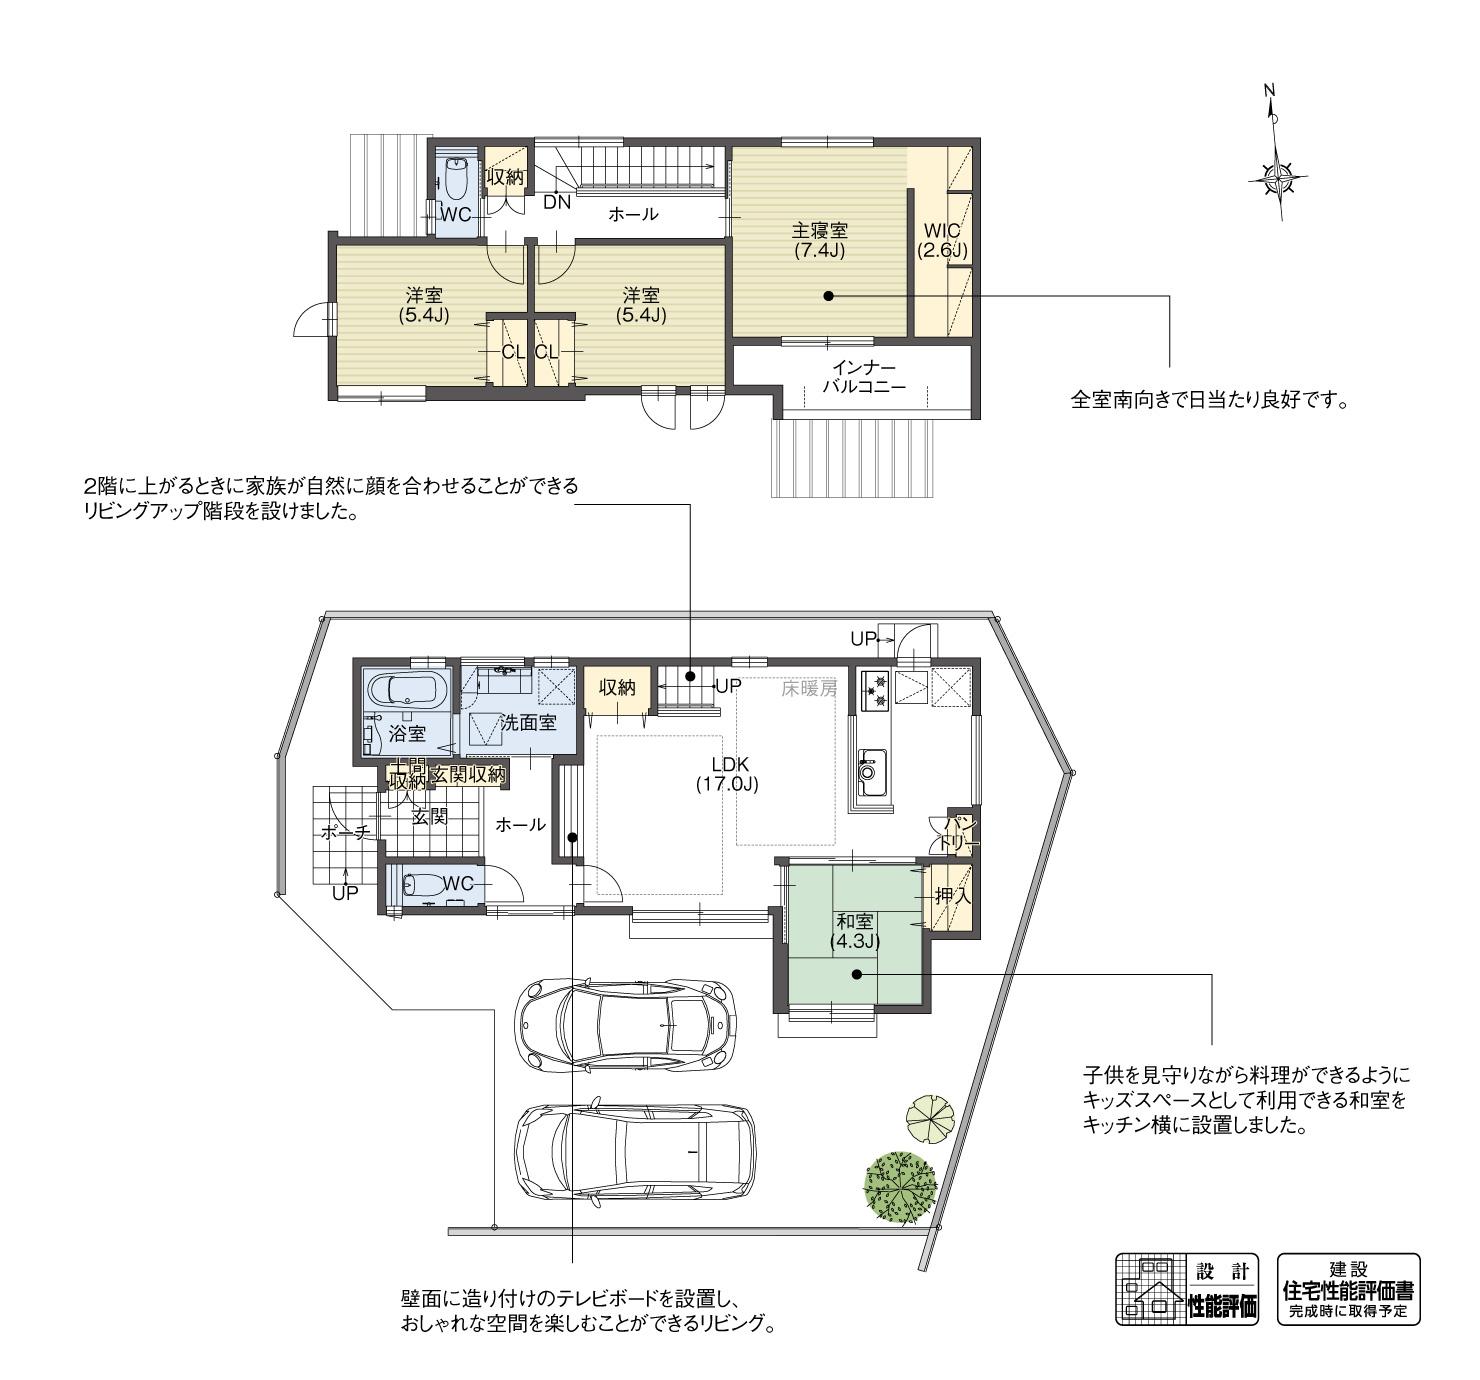 5_間取図_plan2_豊田市荒井町